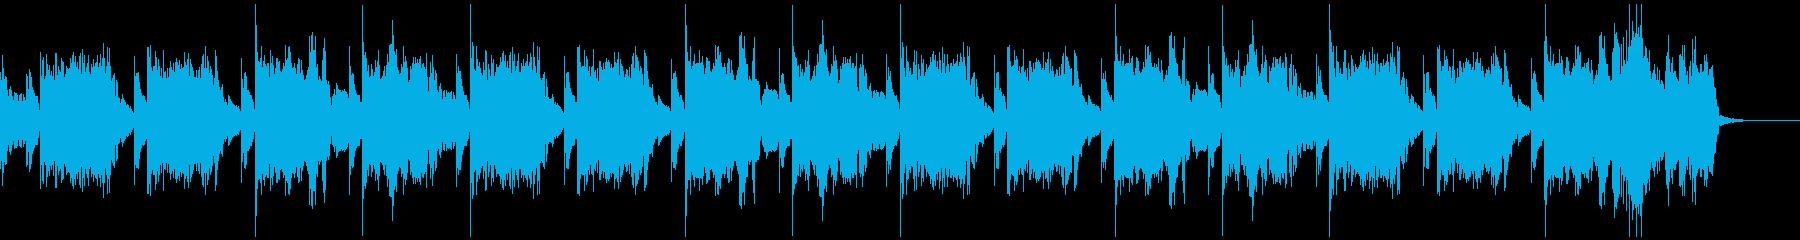 30秒 軽快なハウスミュージックの再生済みの波形